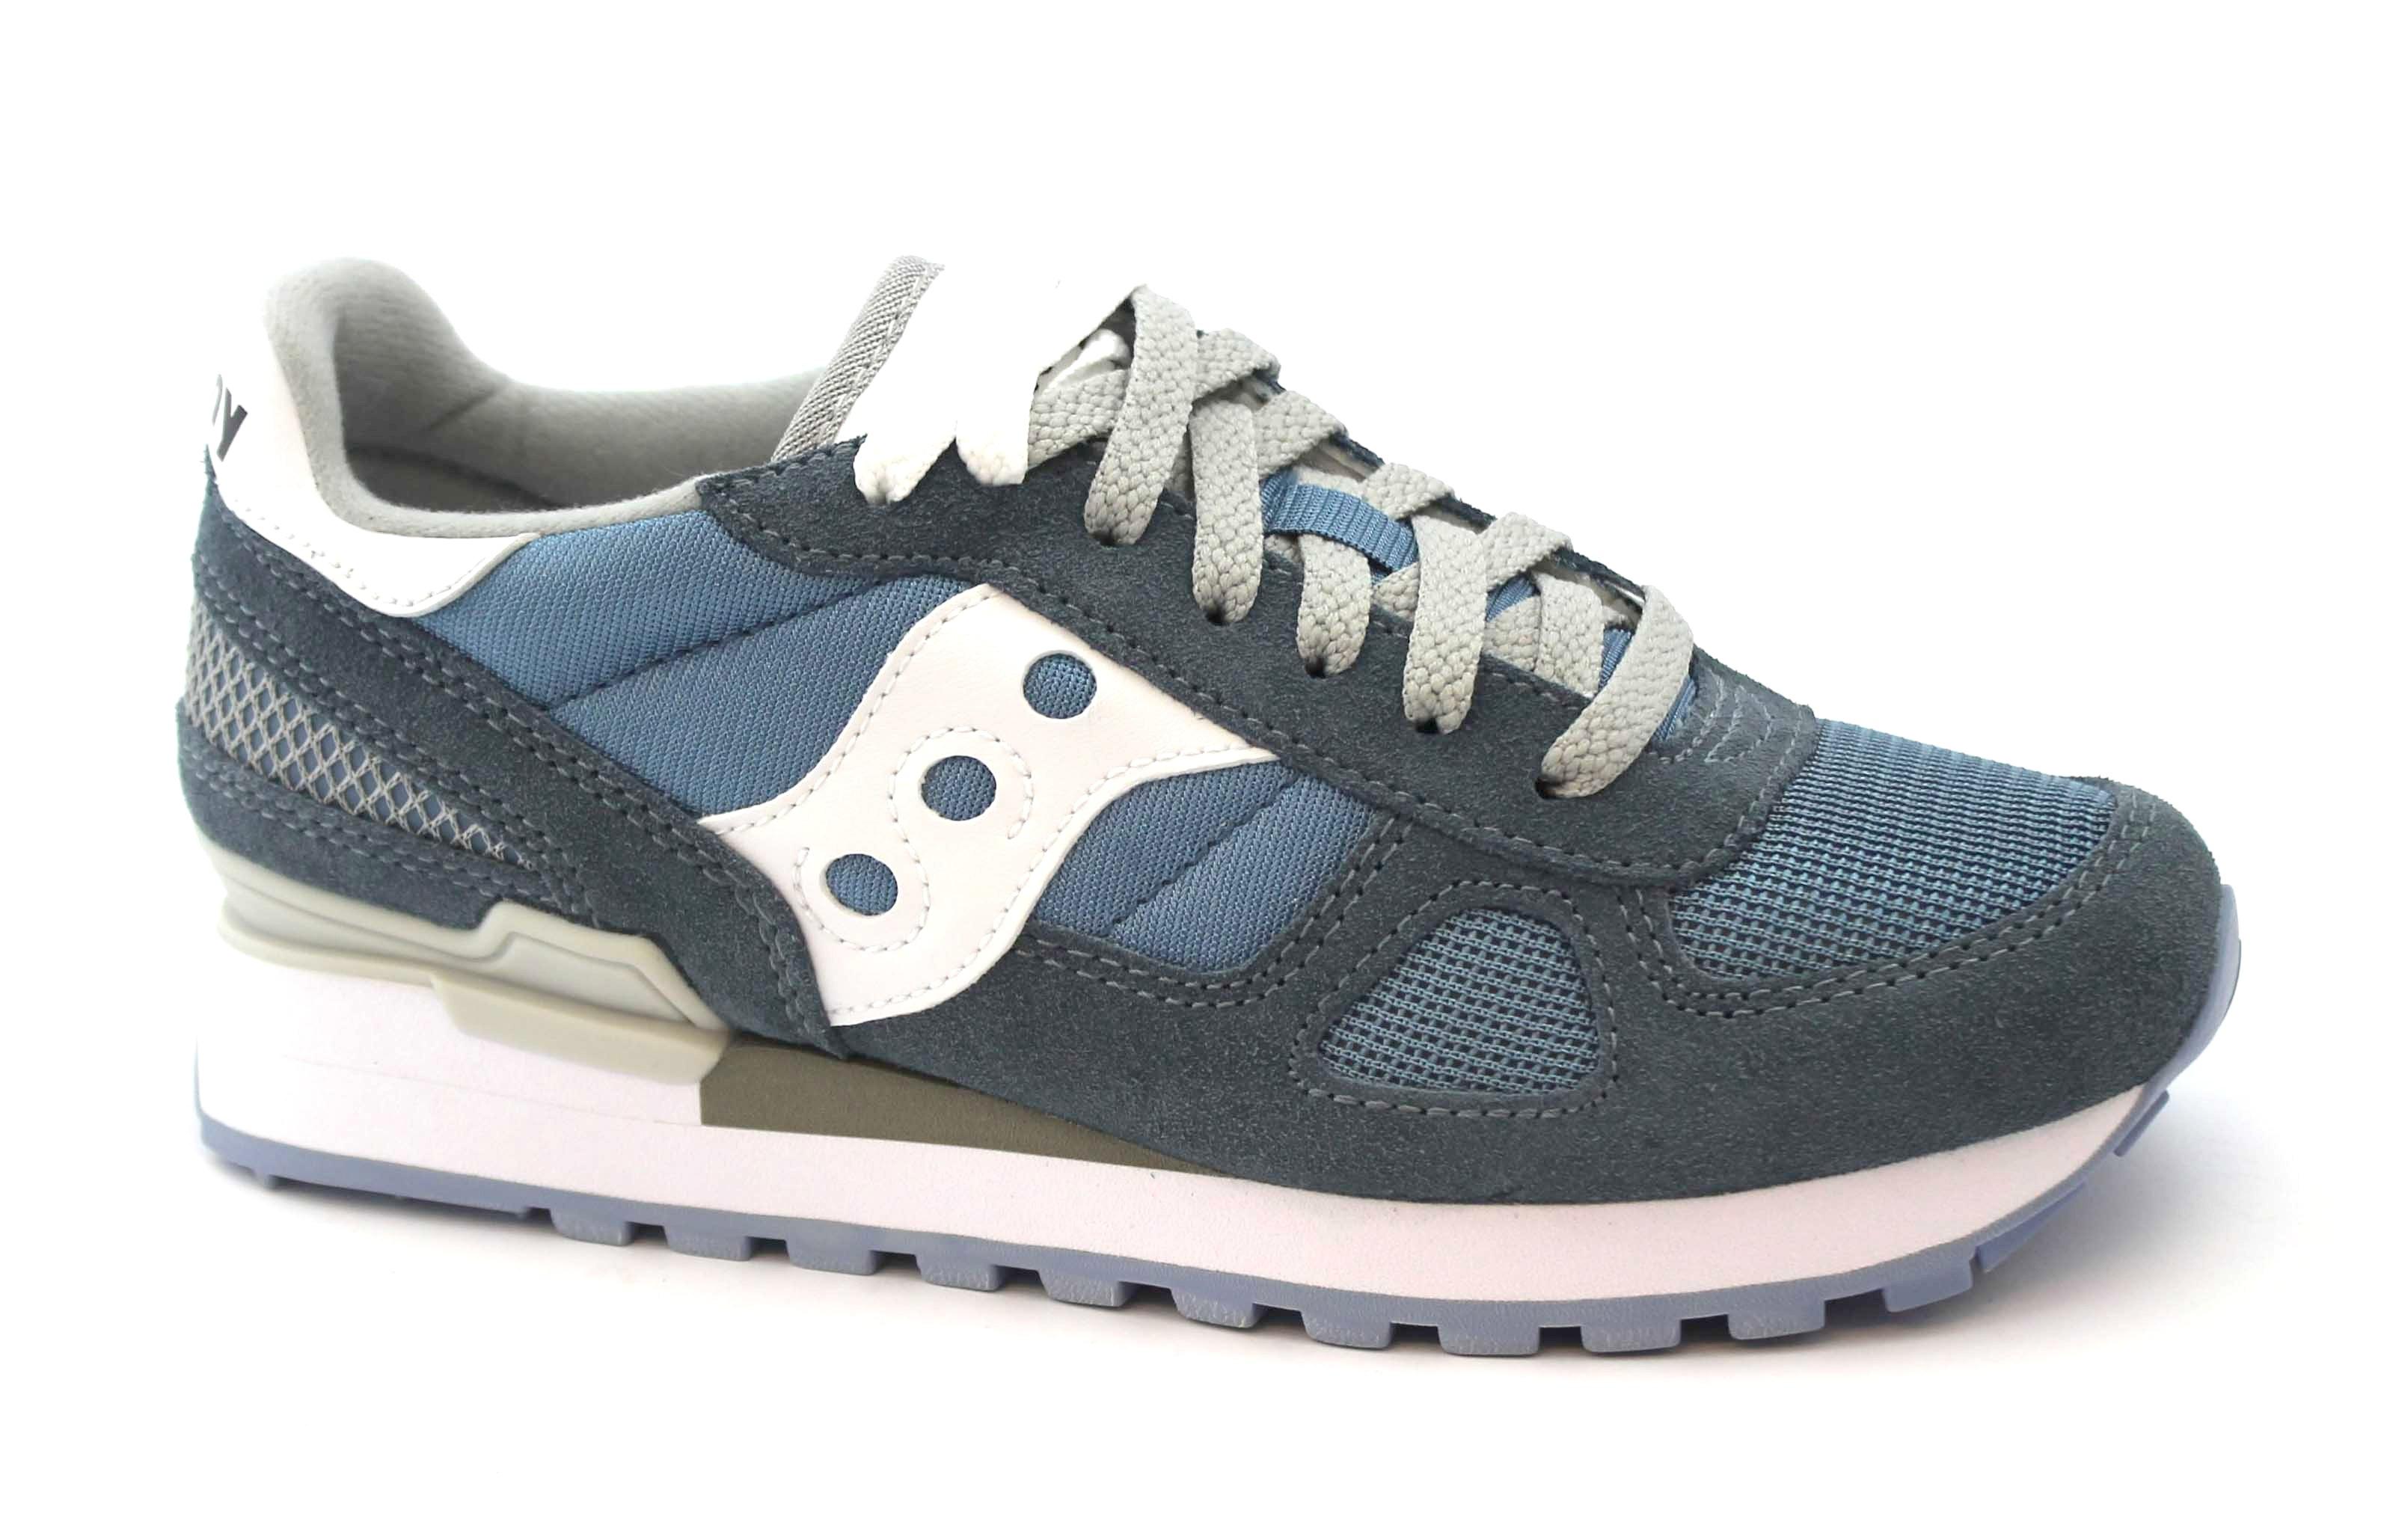 Primera Calidad Venta De Bonito Sneaker Saucony Shadow Original S1108-689 Lt/blu Bleu Clair/bleu Descuentos Para La Venta Descuentos Económicos Con Mastercard En Línea Barata VYgXqs